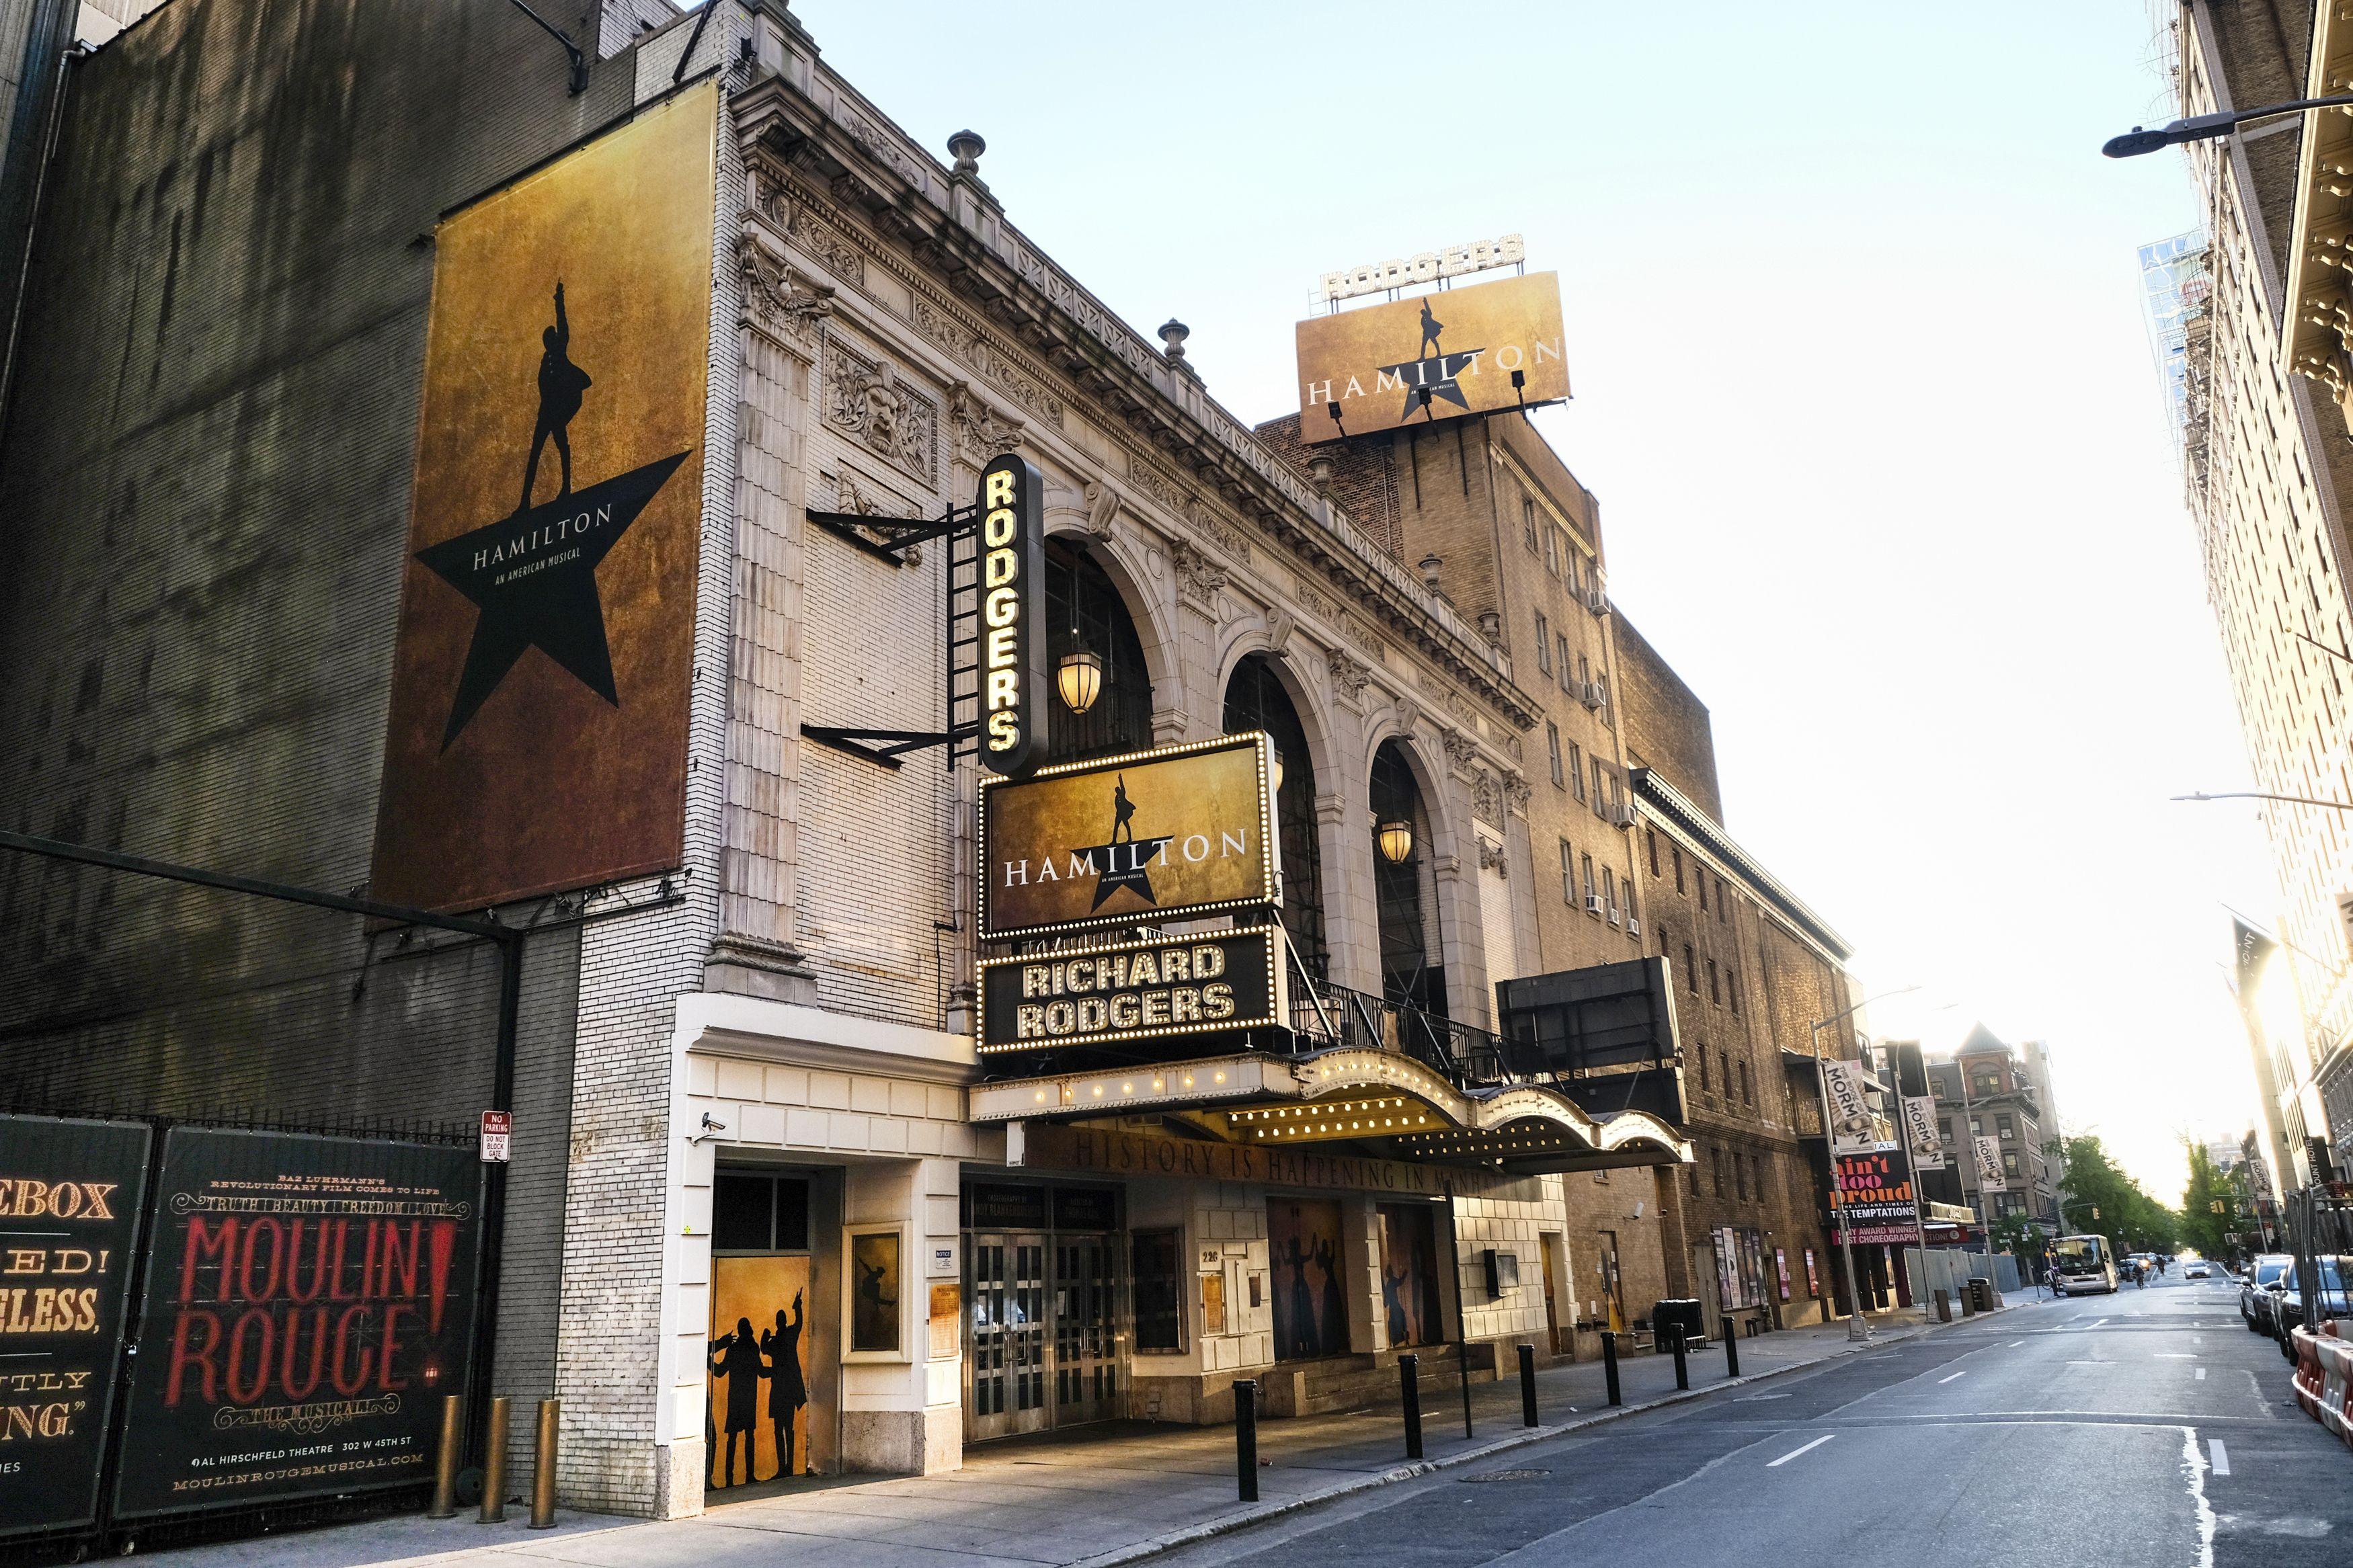 El Richard Rodgers, casa del musical Hamilton, el 13 de mayo de 2020 en Nueva New York. Los teatros de Broadway que presentan los musicales The Lion King, Hamilton y Wicked abren el martes 14 de septiembre de 2021.